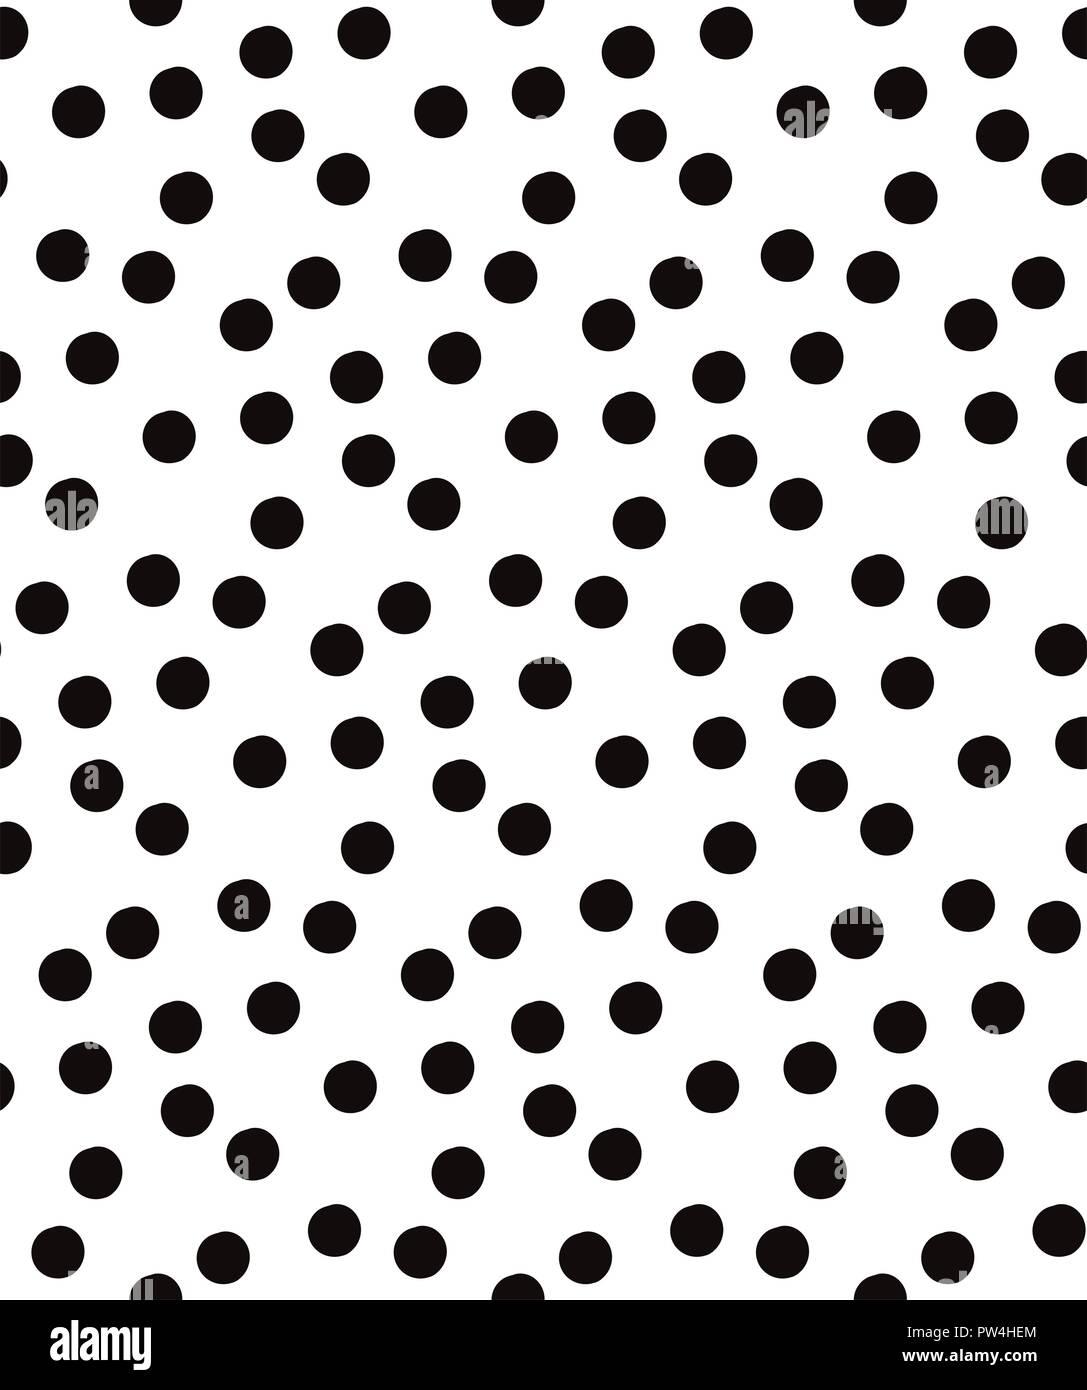 Attrayant Pois Noir Vecteur Seamless Pattern Sur Fond Blanc. Parfait Pour Tissu,  Patchwork, Scrapbook Paper, Le Papier Peint Et De Lu0027artisanat